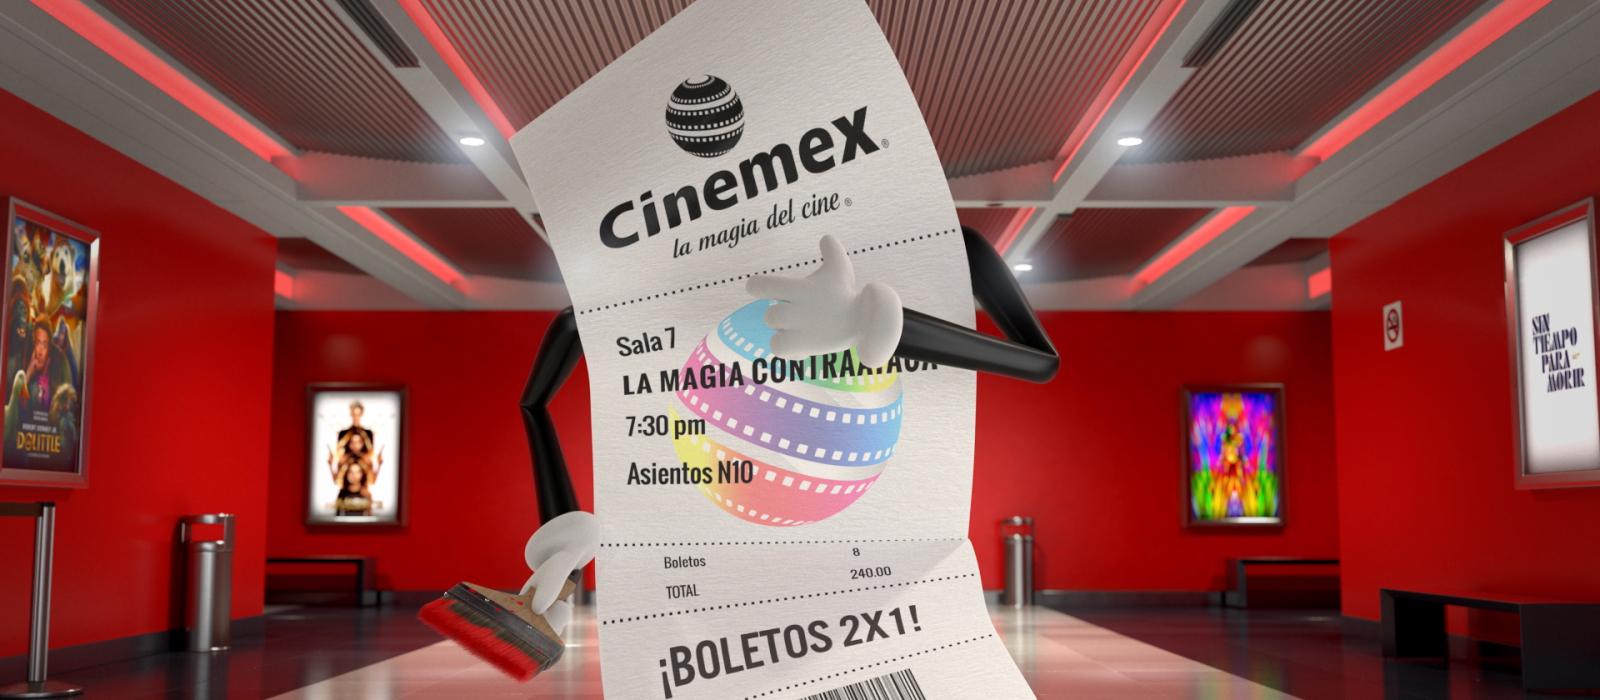 CINEMEX TICKETÍZATE 2020